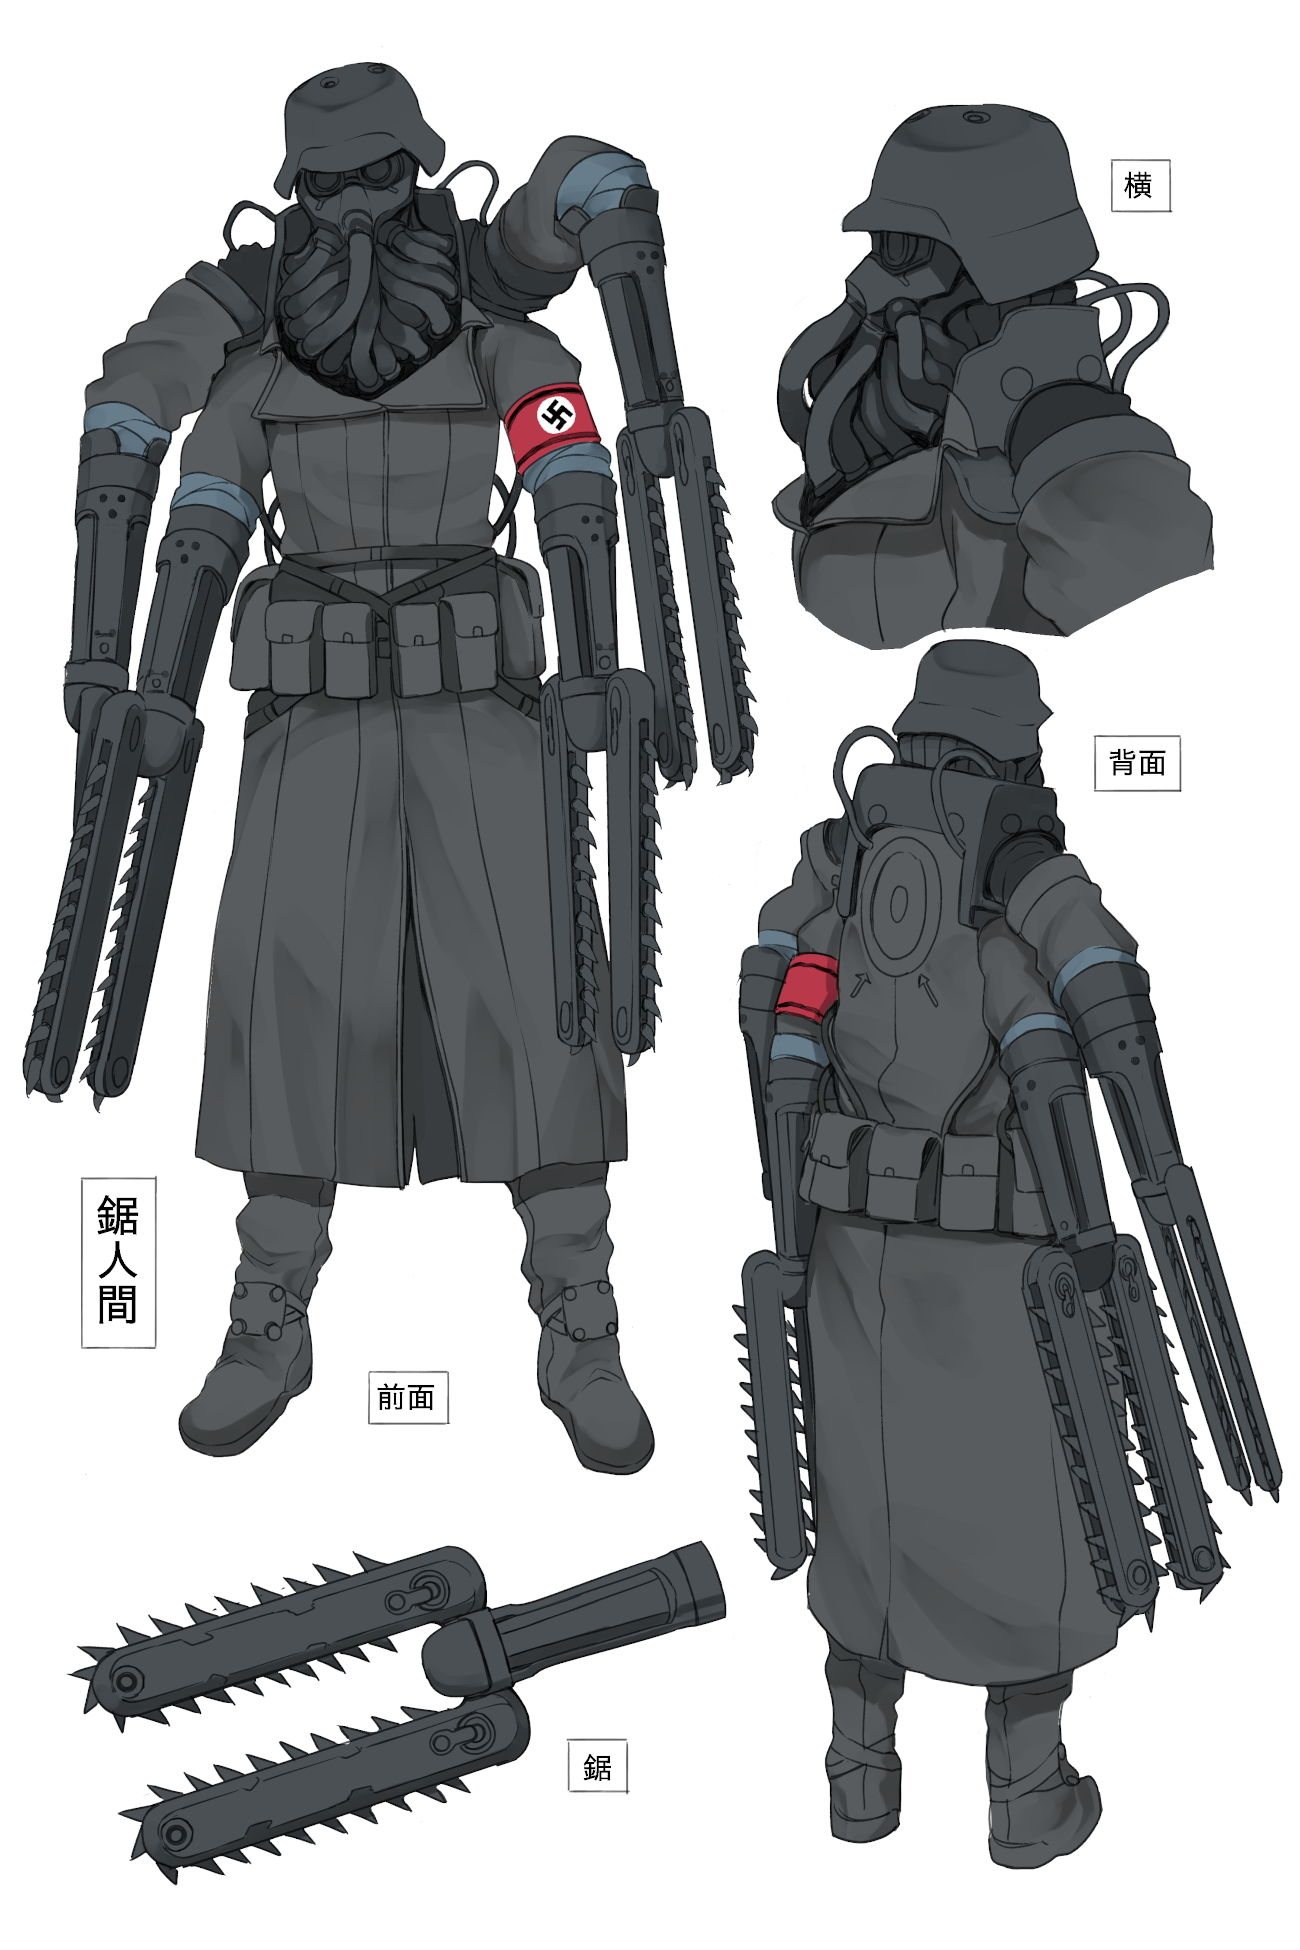 ナチス最終兵器サメ人間 平成シリーズコンプリートパック